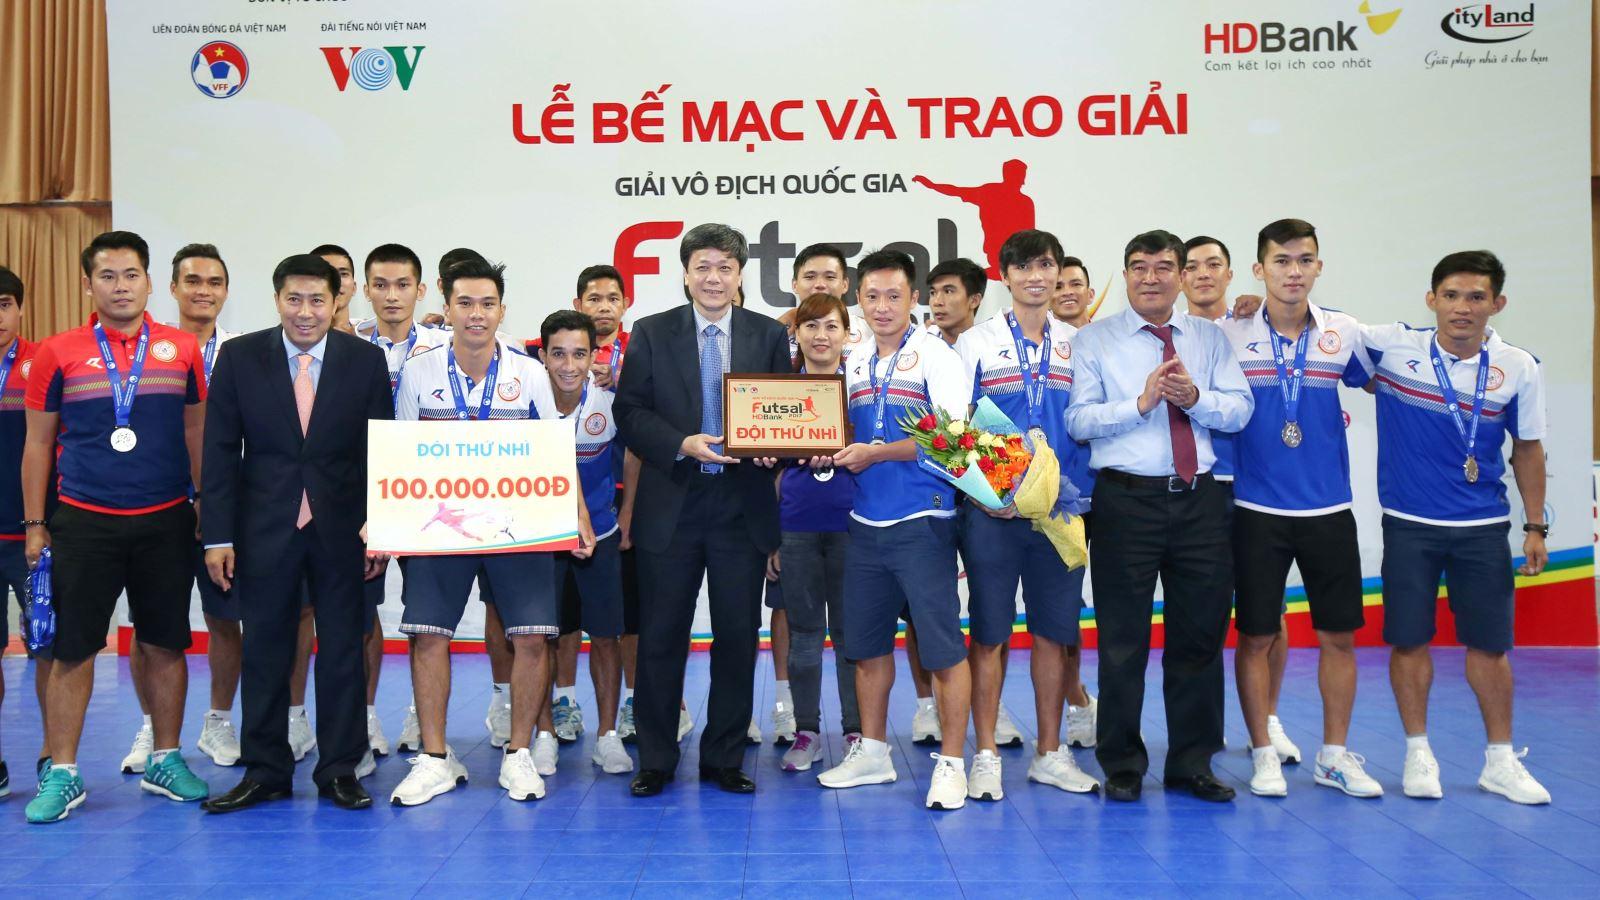 Sanatech Khánh Hòa xứng đáng với vị trí Á quân sau màn rượt đuổi kịch tính với Thái Sơn Nam trong mùa giải năm nay. Ảnh: Quang Phương